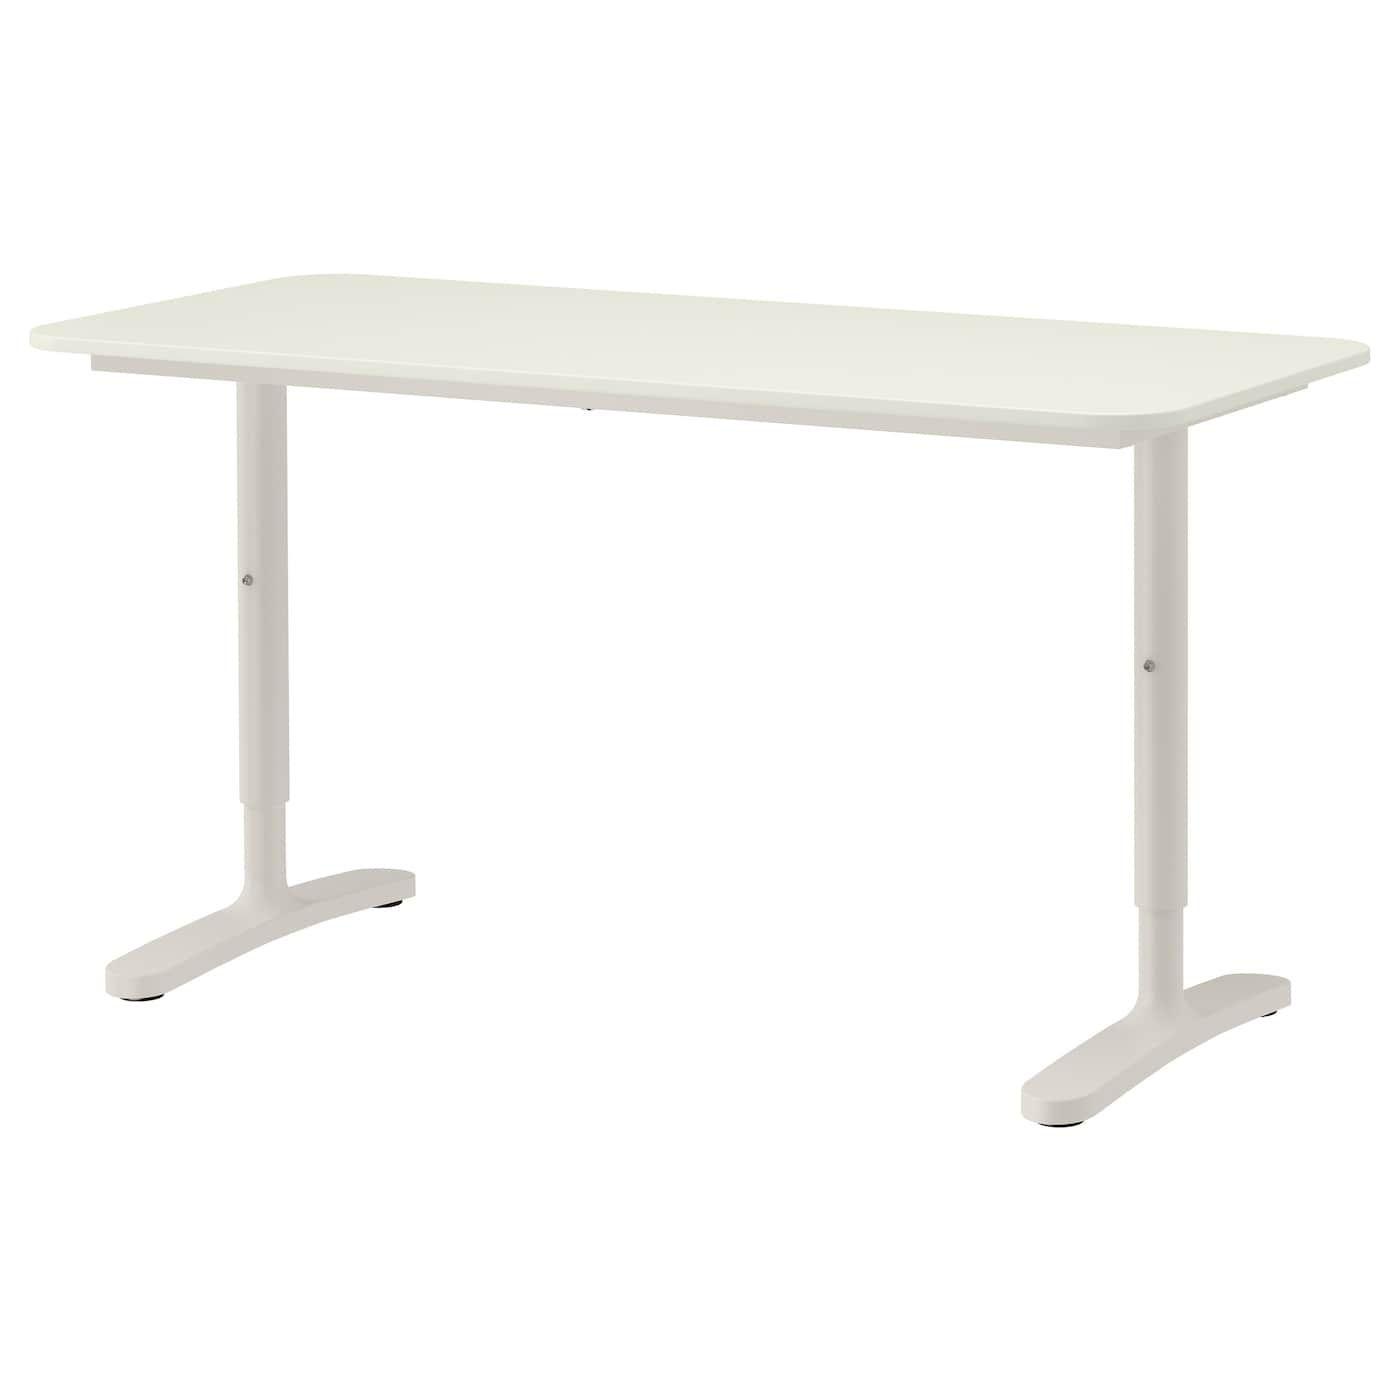 Bekant Schreibtisch Weiss Schreibtisch Weiss Ikea Schreibtisch